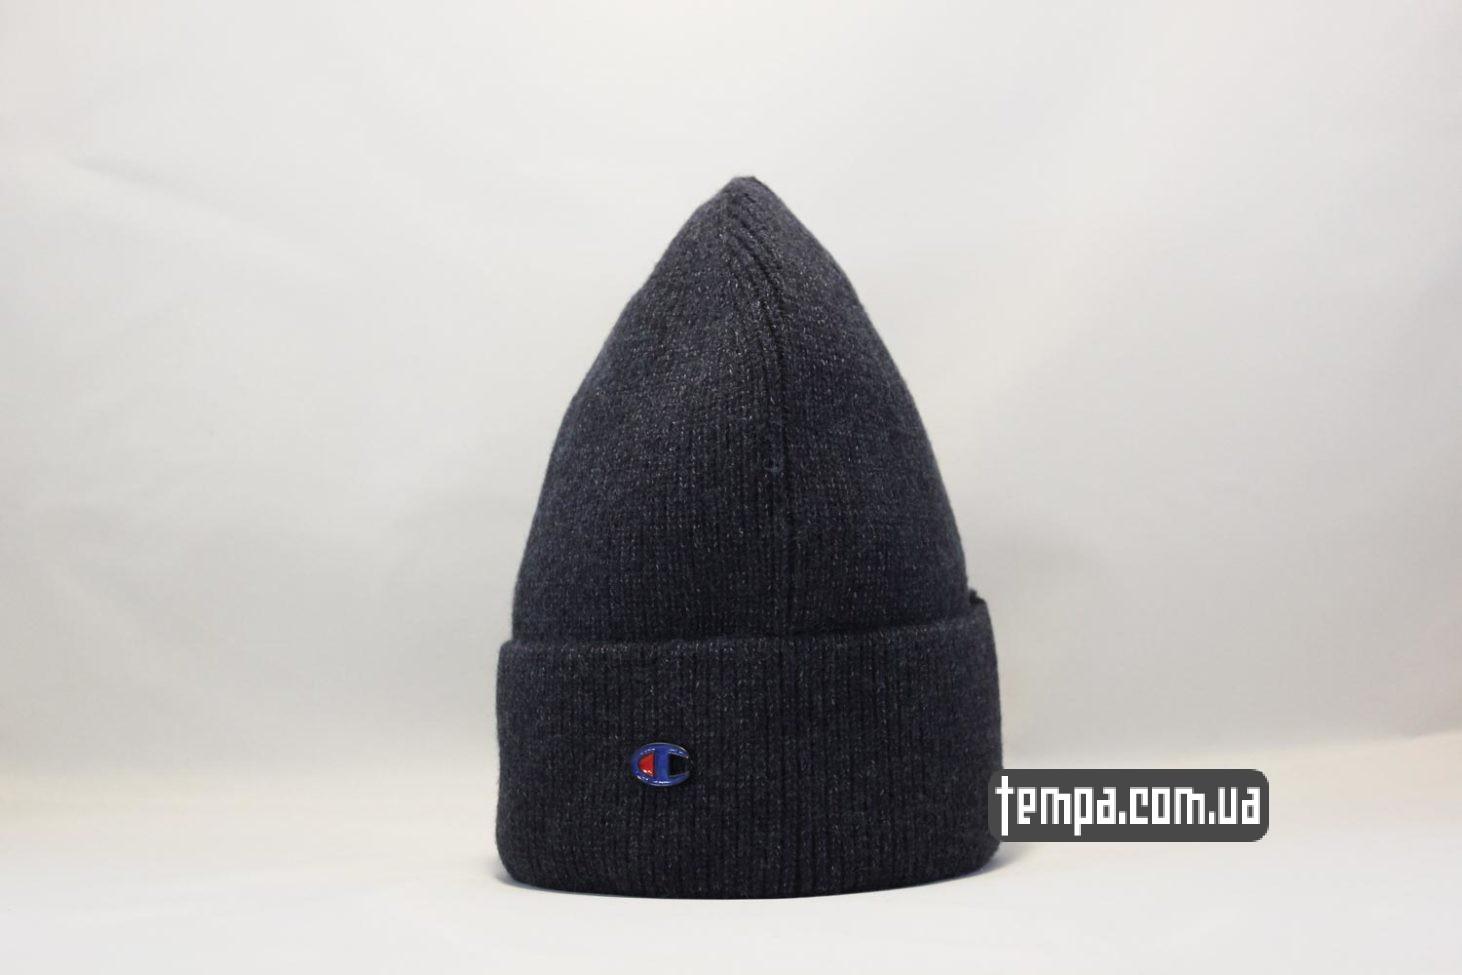 бини одежда зимняя шапка beanie Champion black черная купить Украина